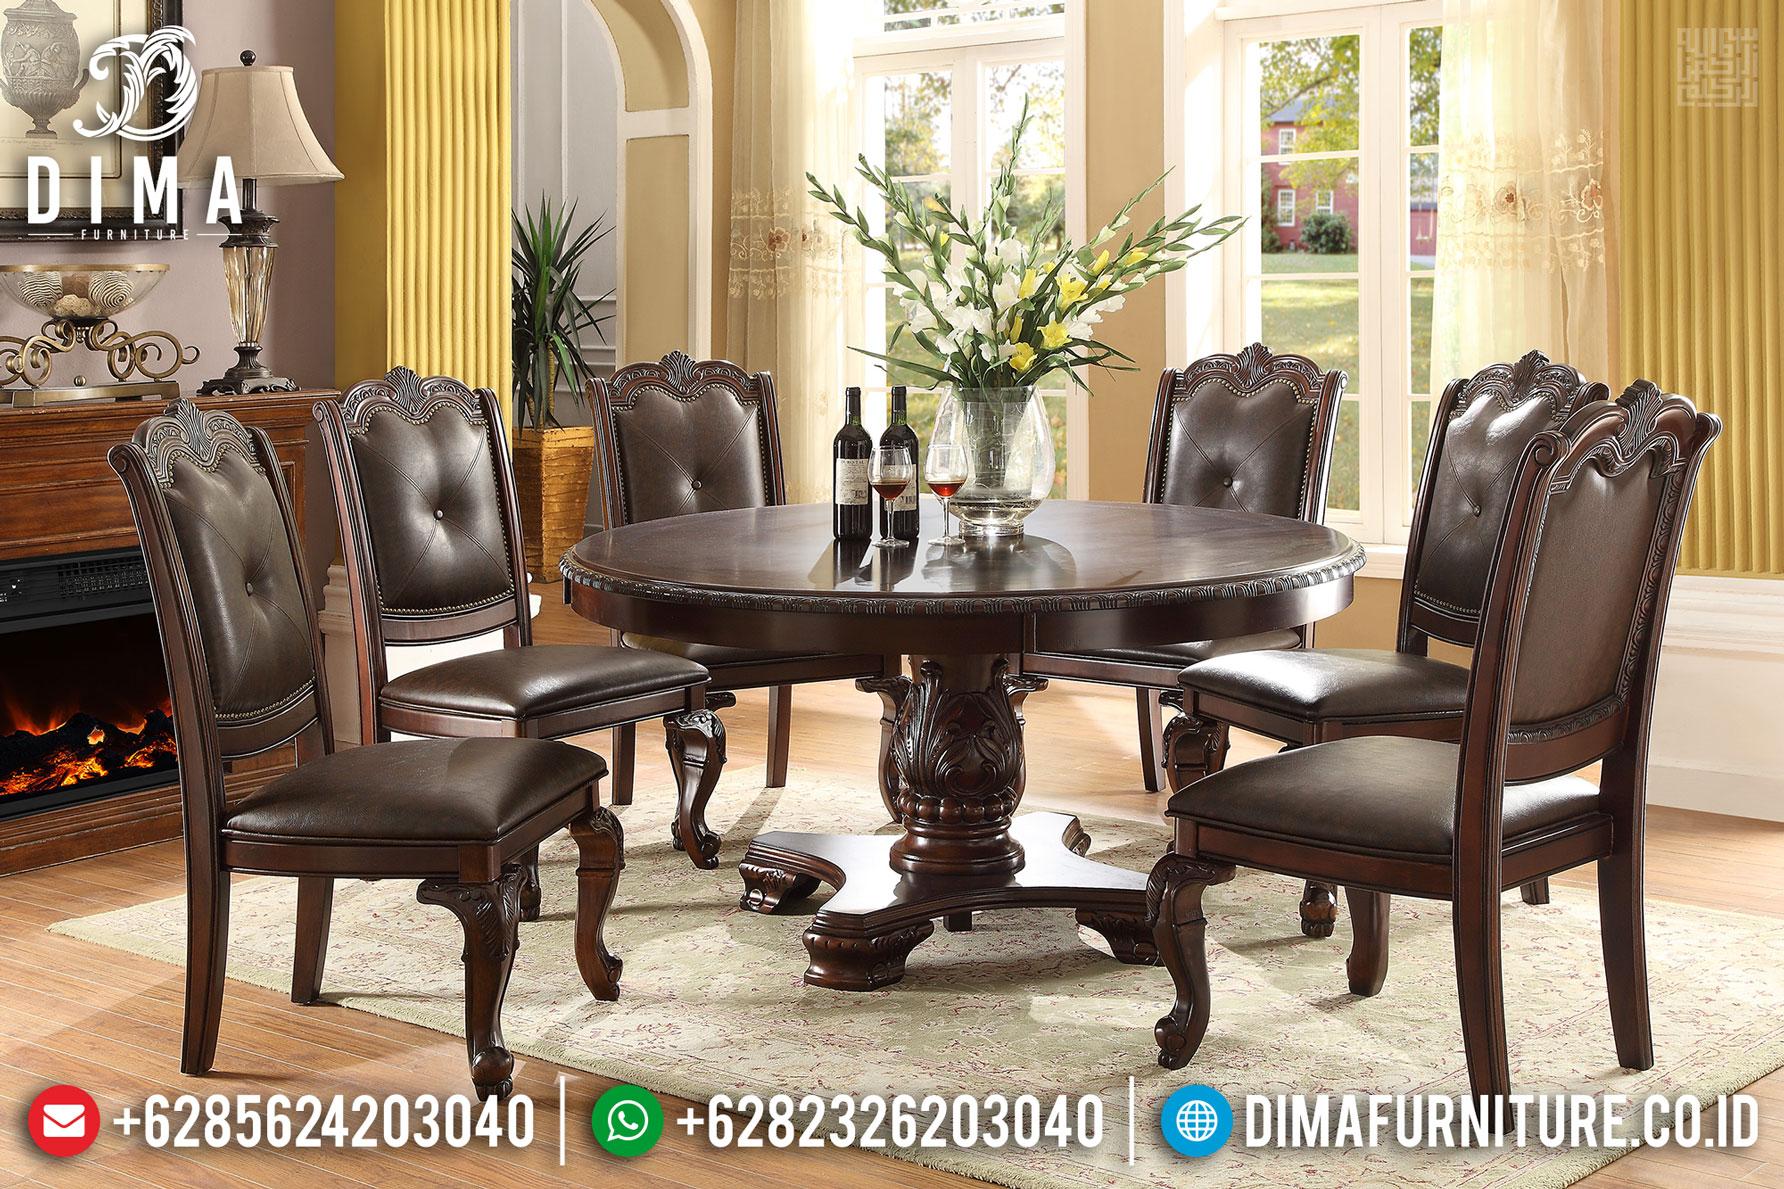 Jual Set Meja Makan Bundar Jati Natural Classic Furniture Jepara Termurah MMJ-0417